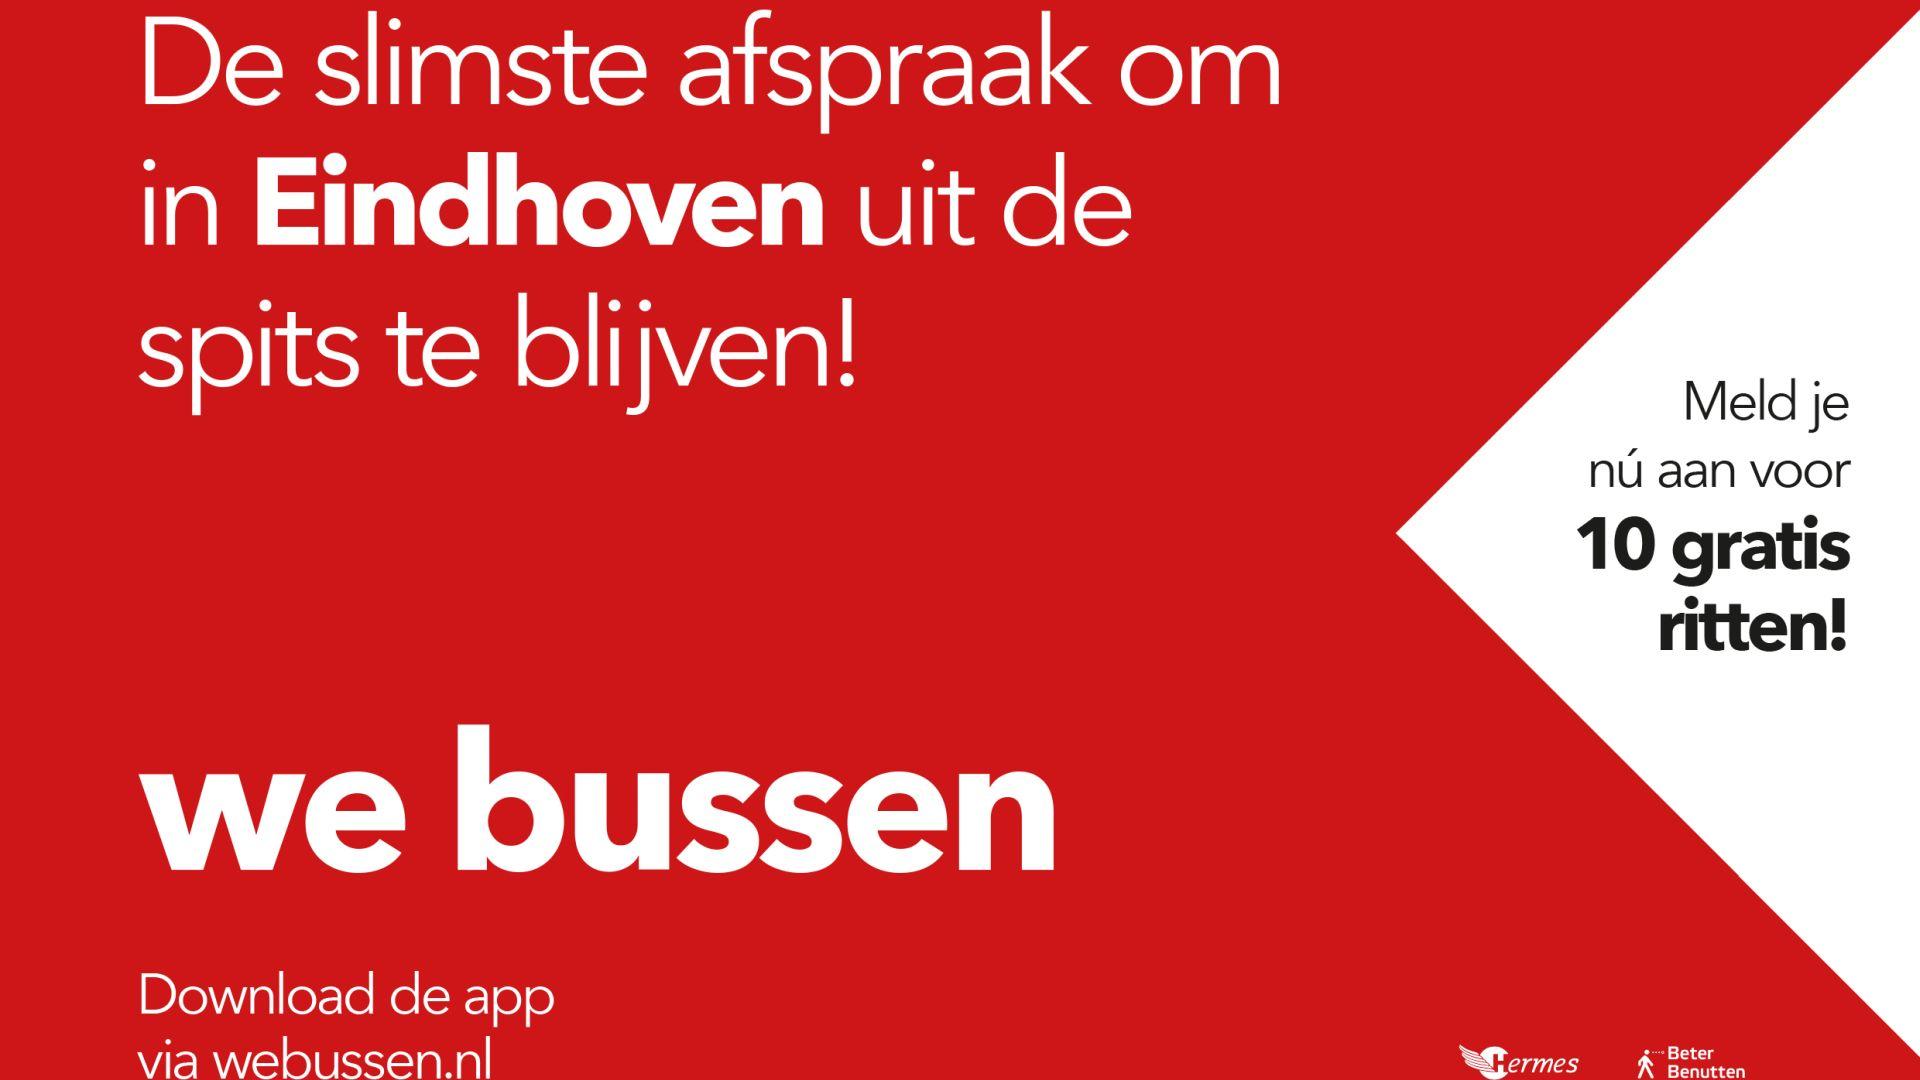 We Bussen Eindhoven_02.jpg